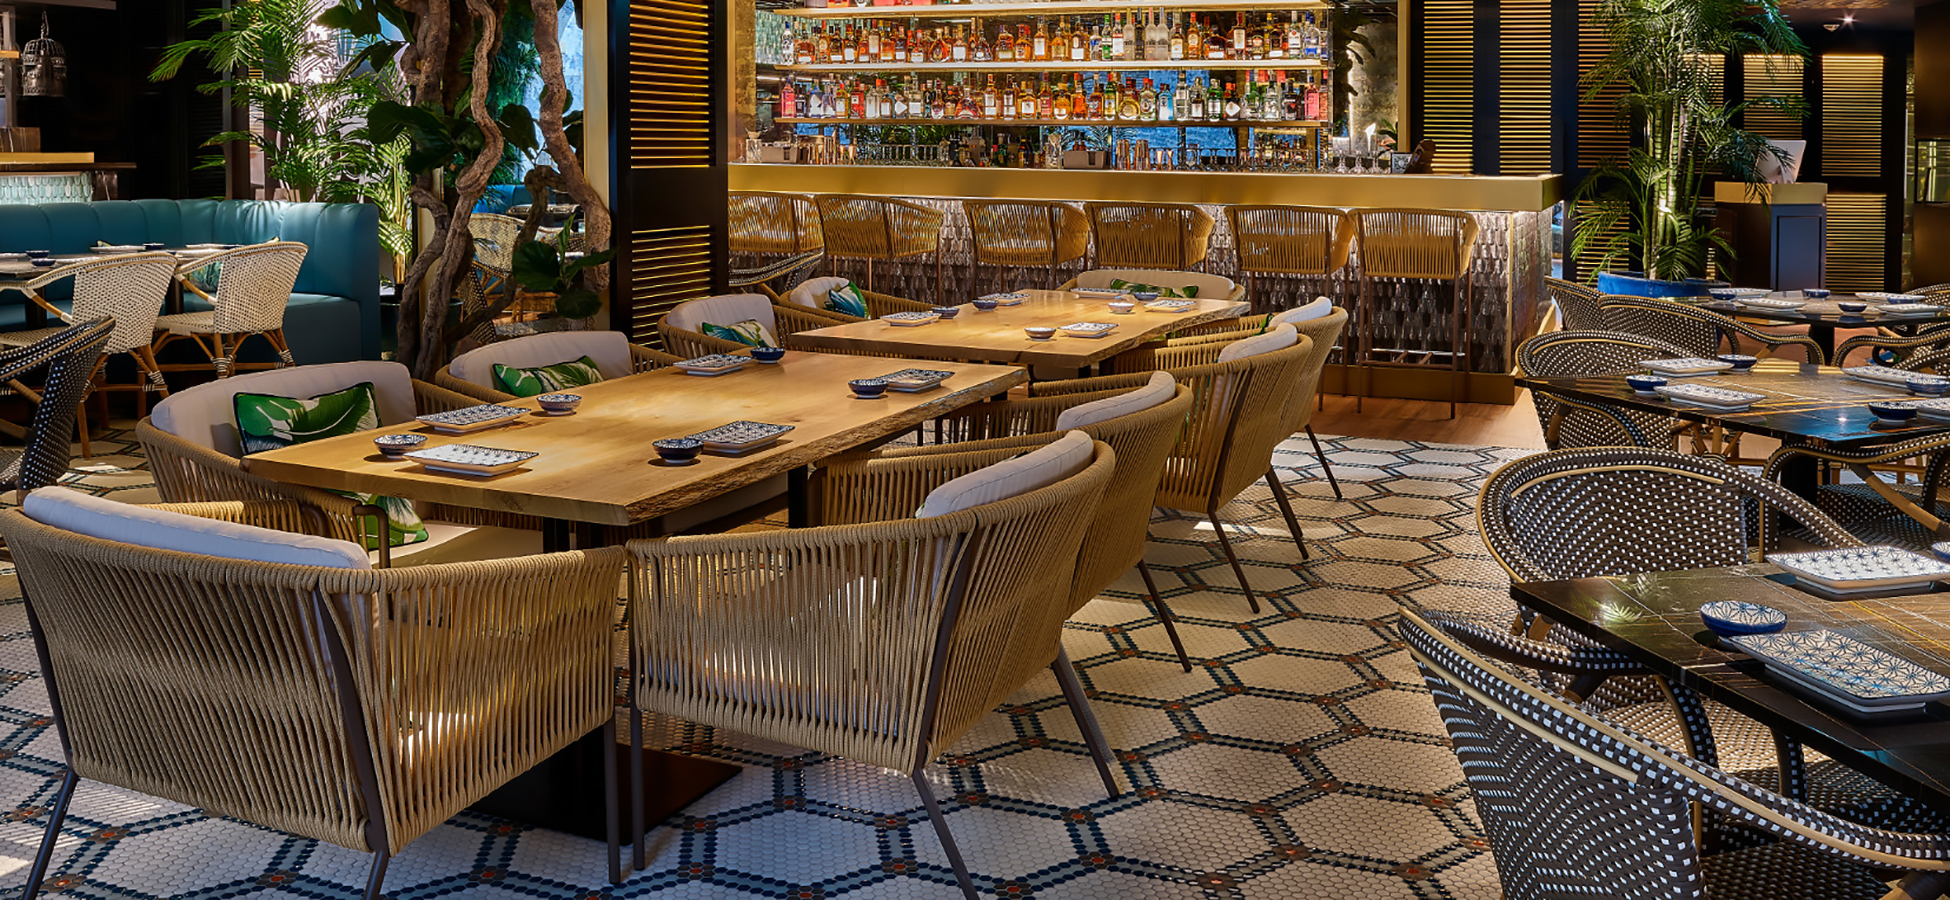 Zela London Restaurant